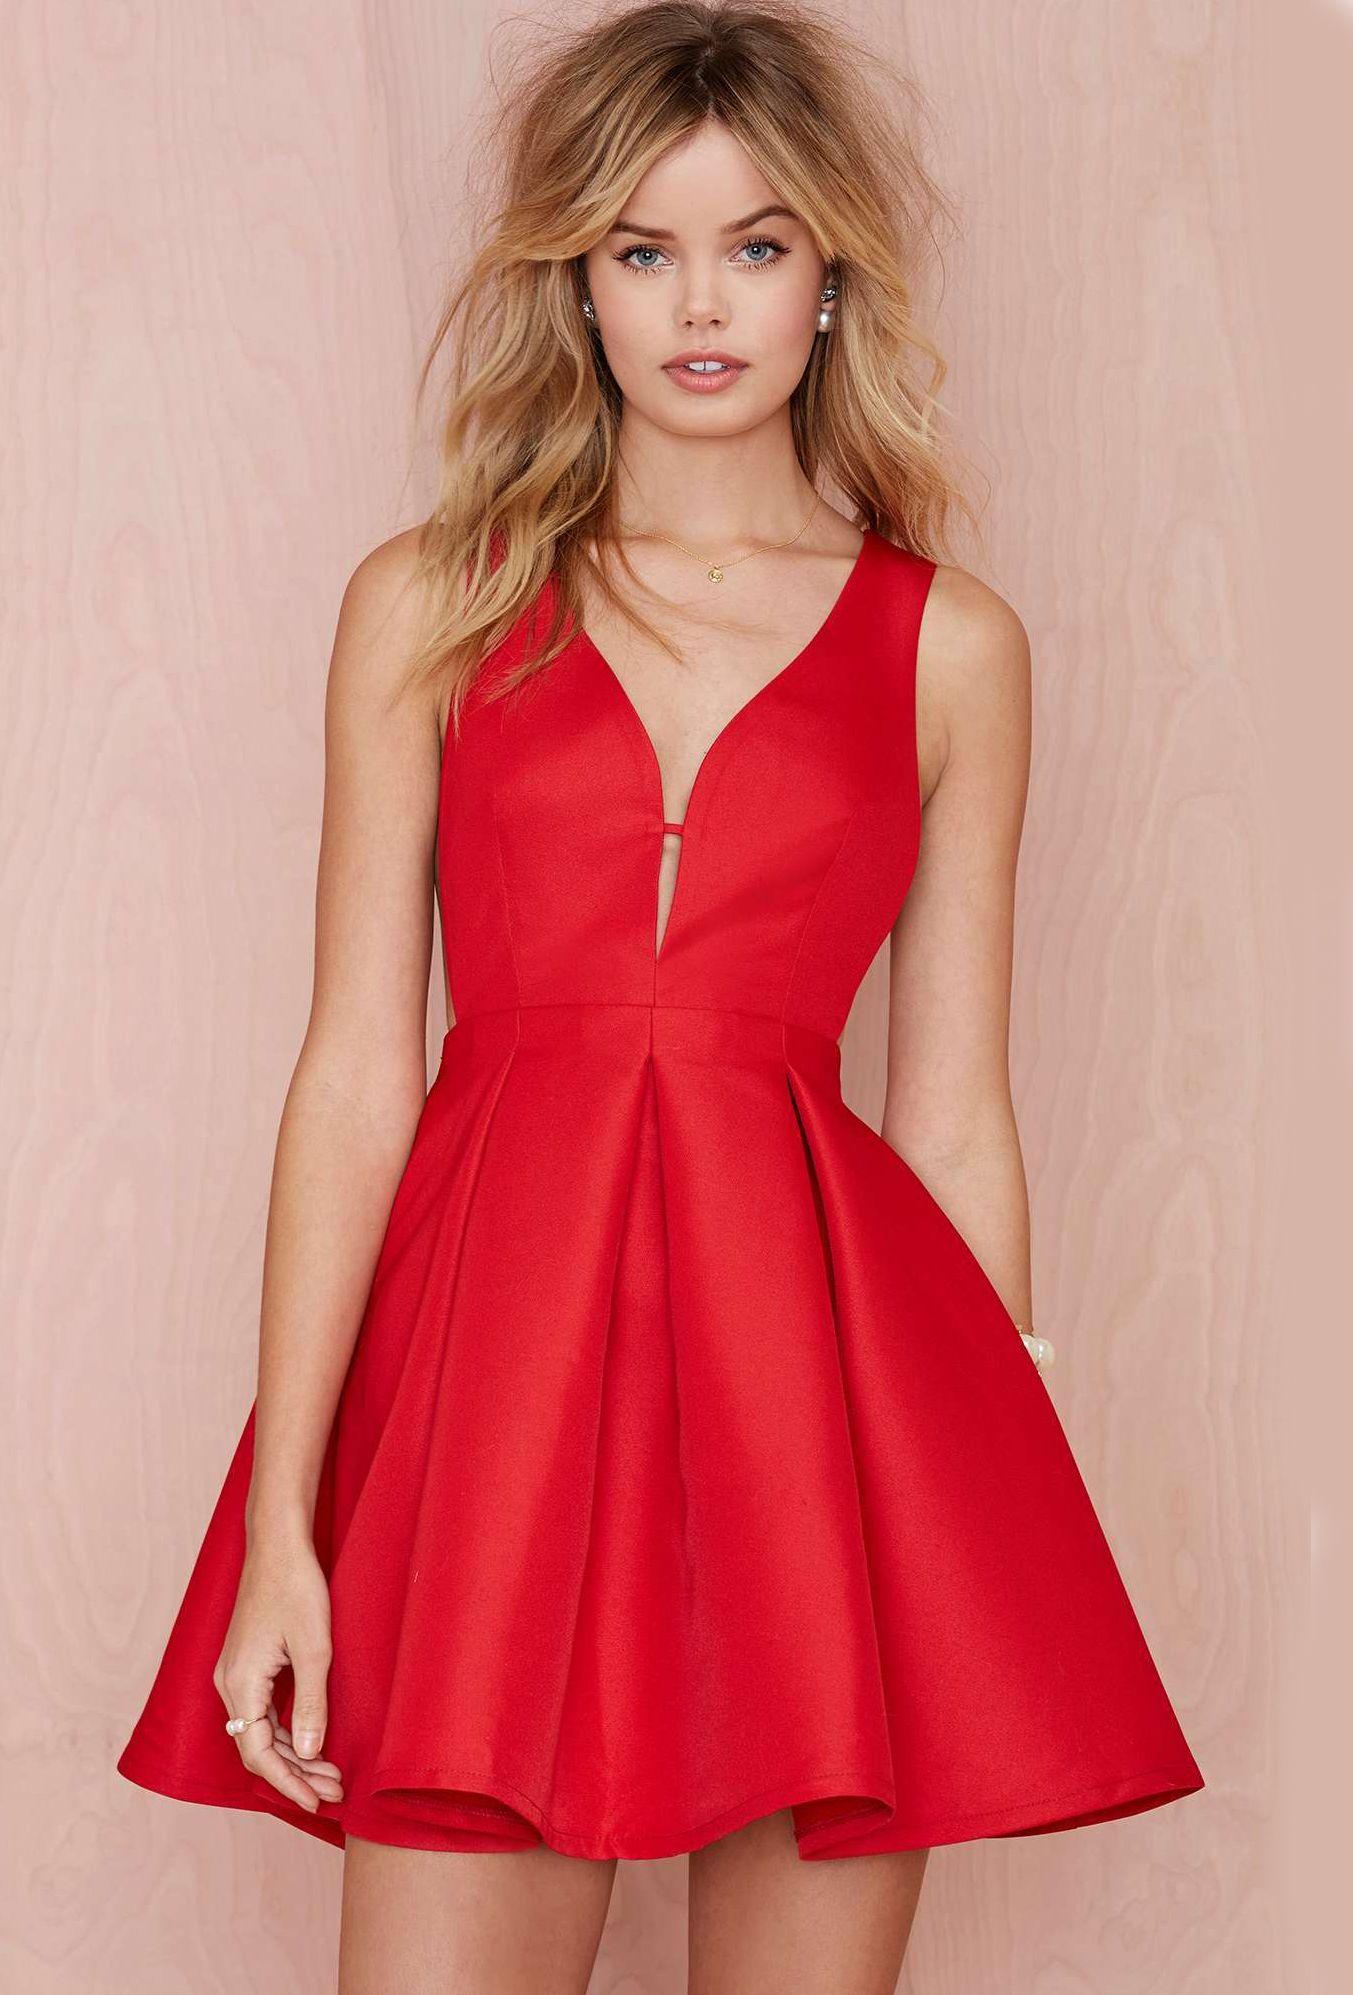 55a5daedf Vestido sin manga-rojo 15.29